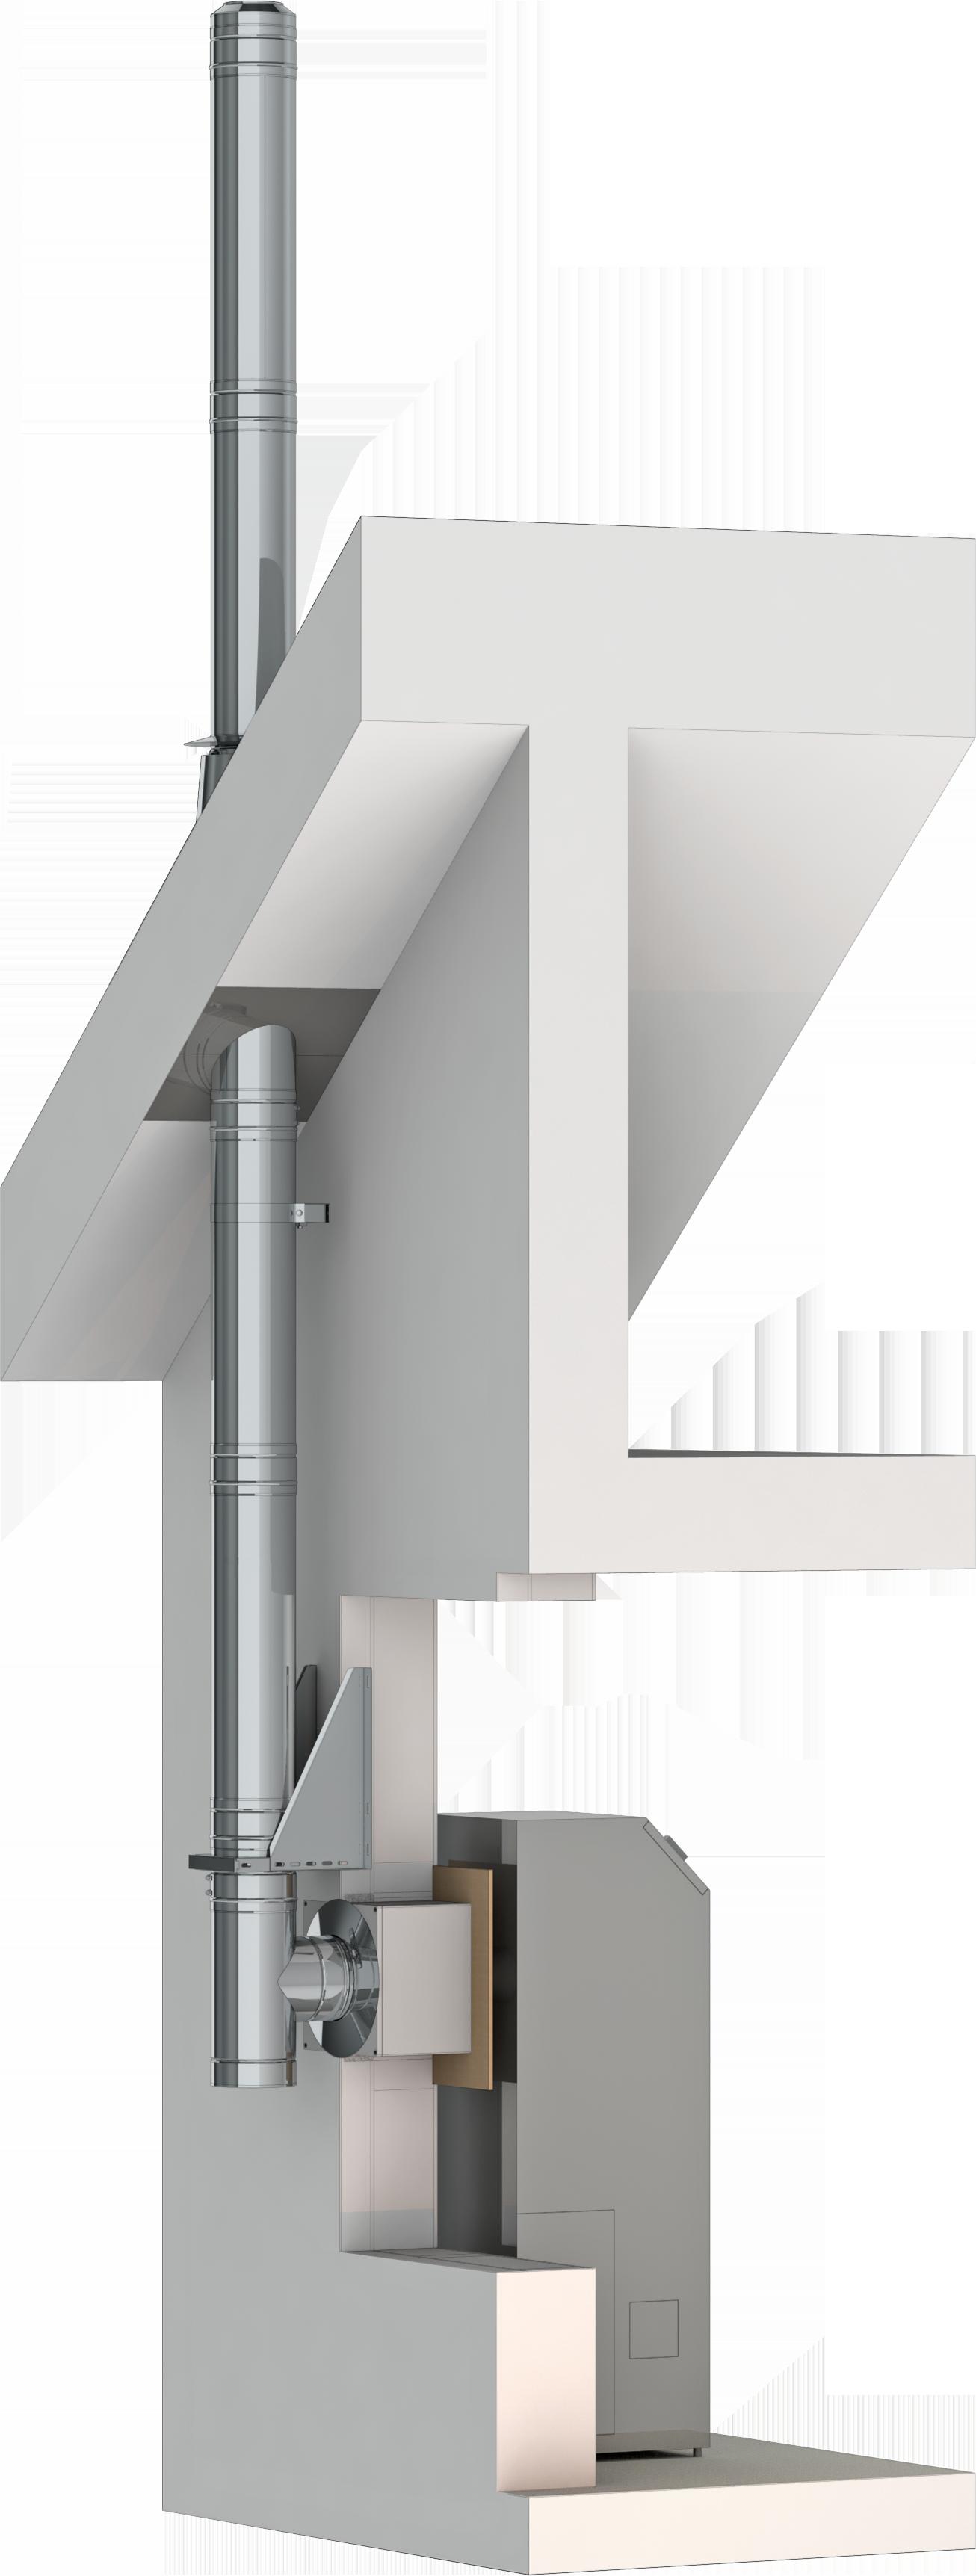 Conduit de cheminée double paroi inox - Kit extérieur TEC-DW-Standard - Ø150mm